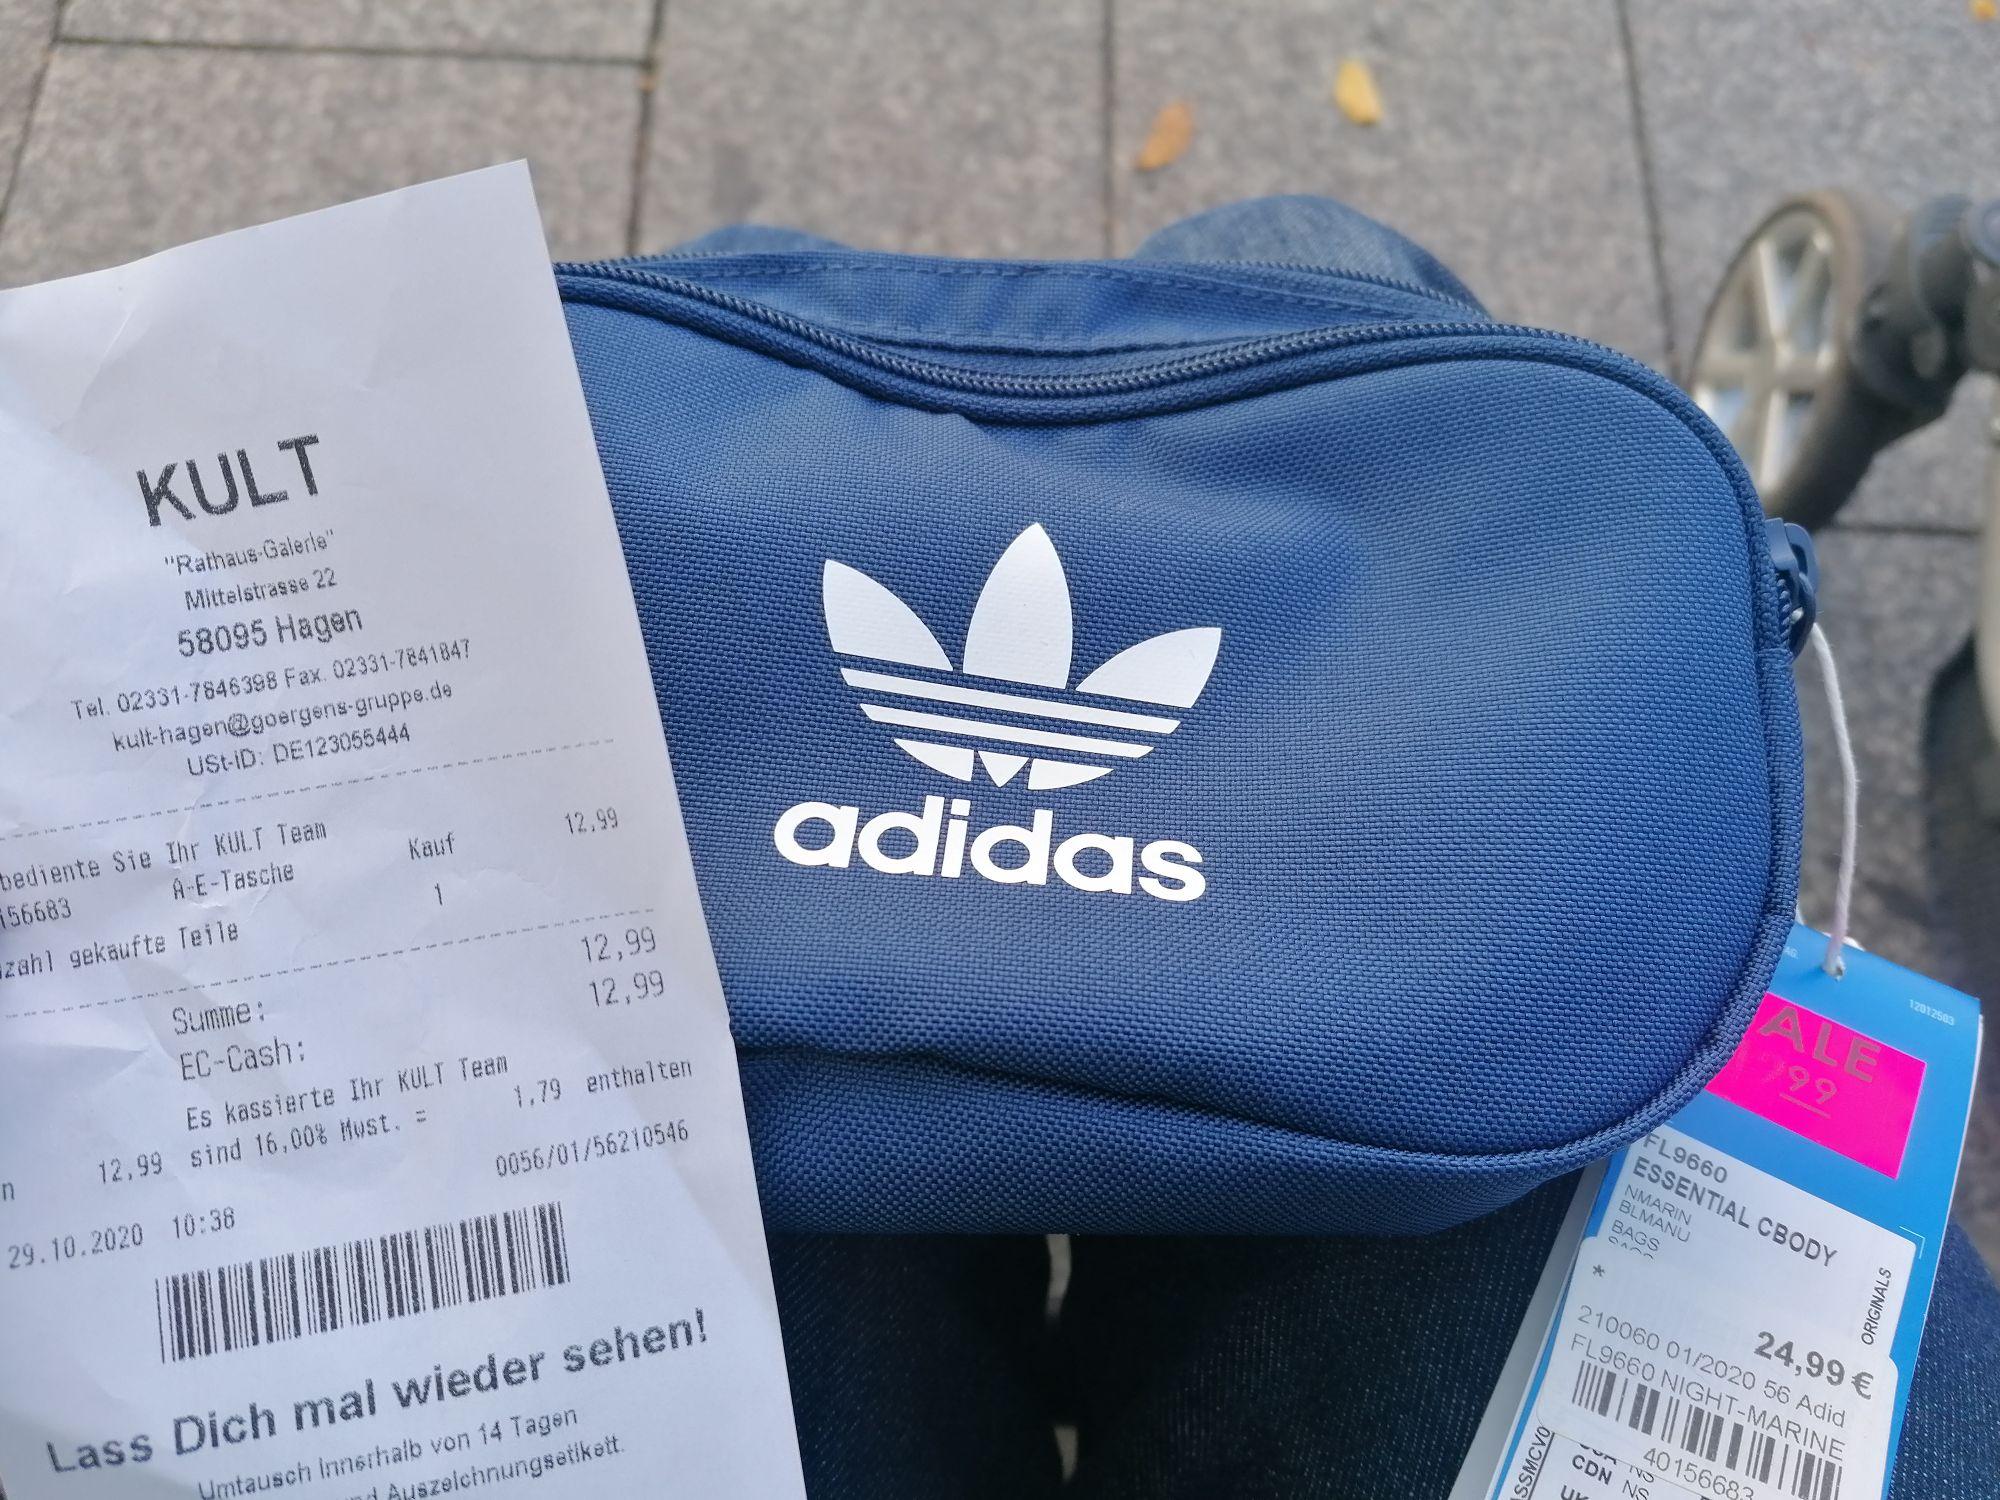 [Lokal]Adidas Originals Bauchtasche in Hagen